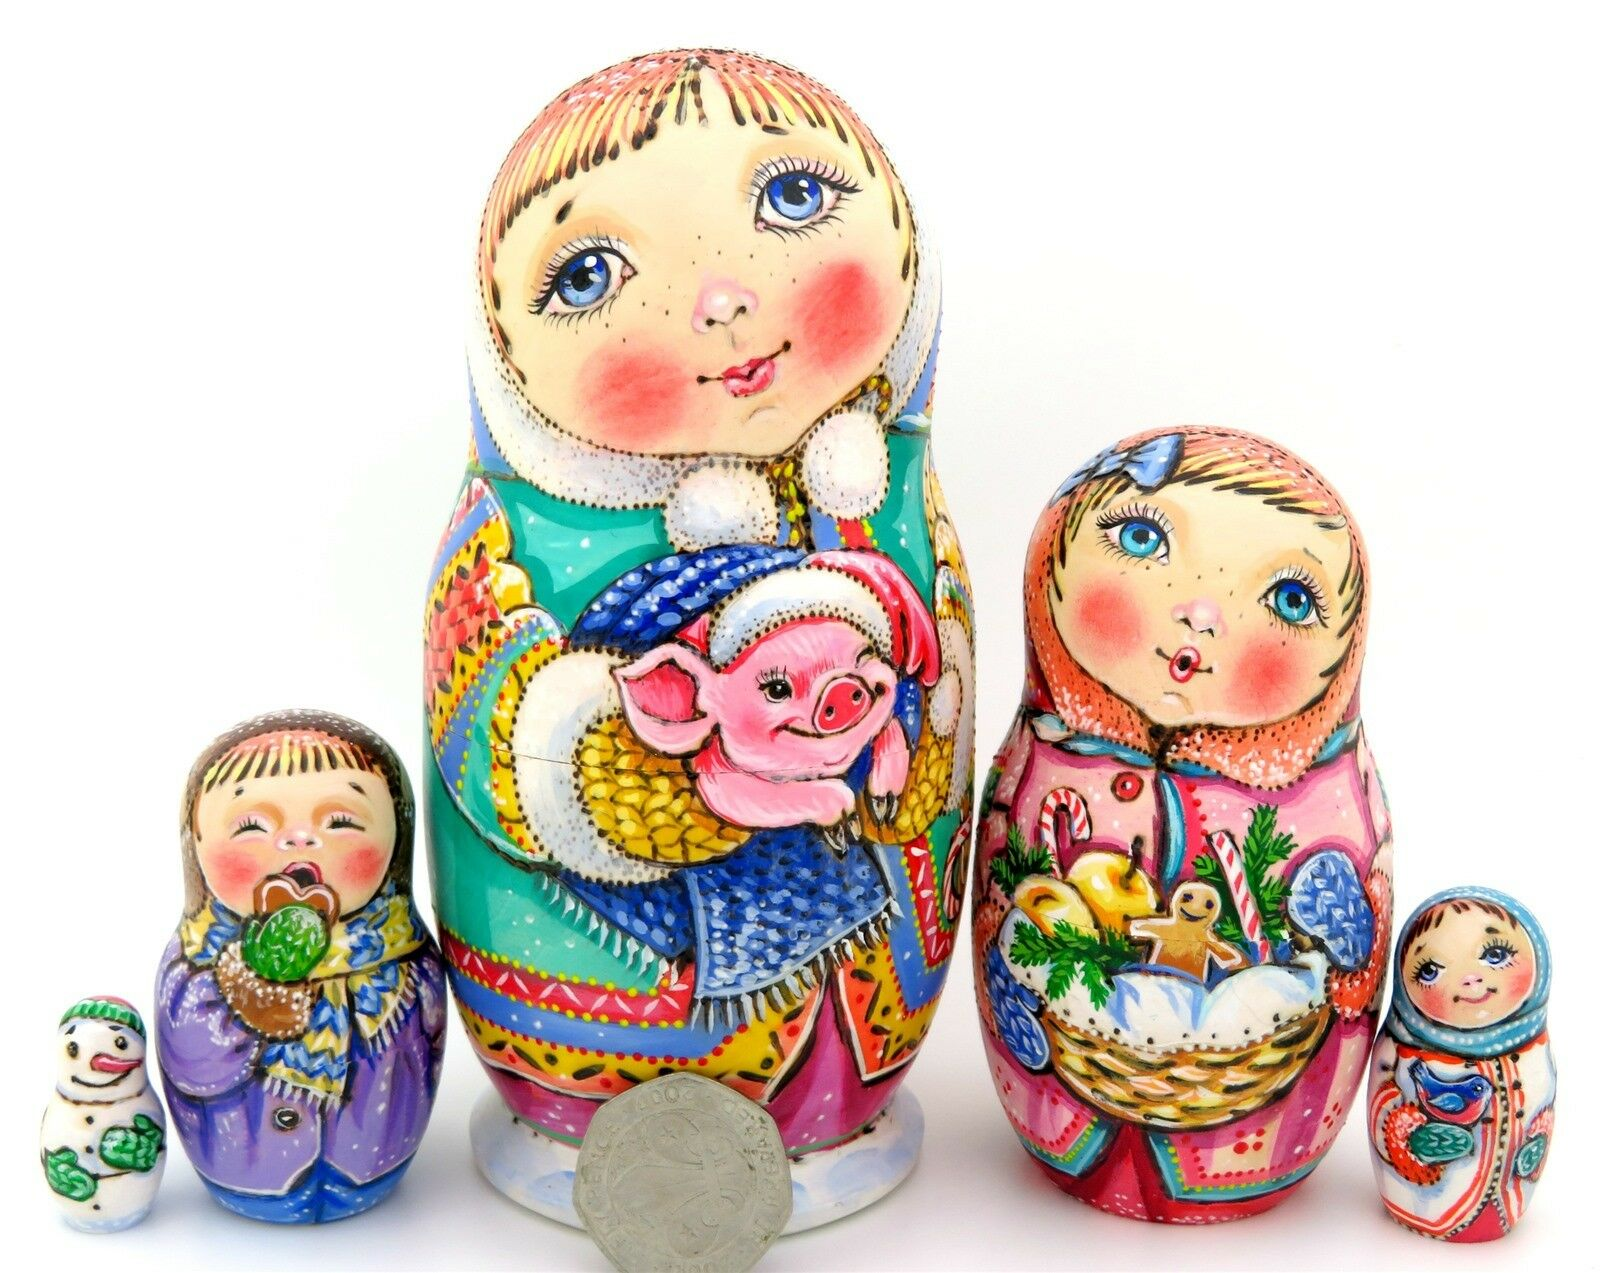 Natale MATRIOSCA chmeleva Anno del Maiale Bambini Bambole Russe a matrioska 5